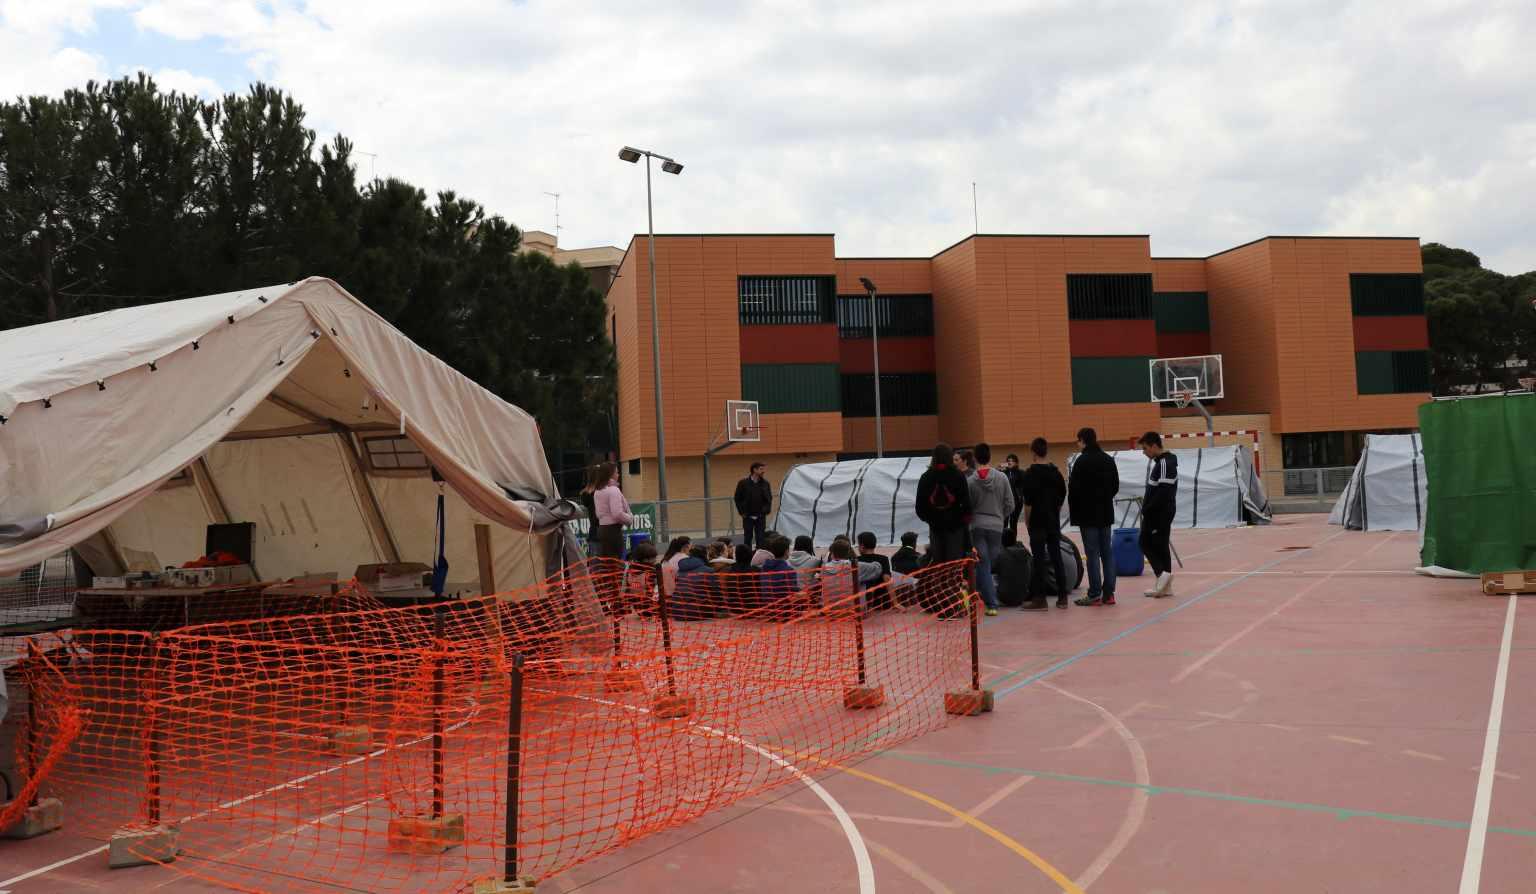 La Cooperativa Humanitaria - Experiència a l'Escola Montagut